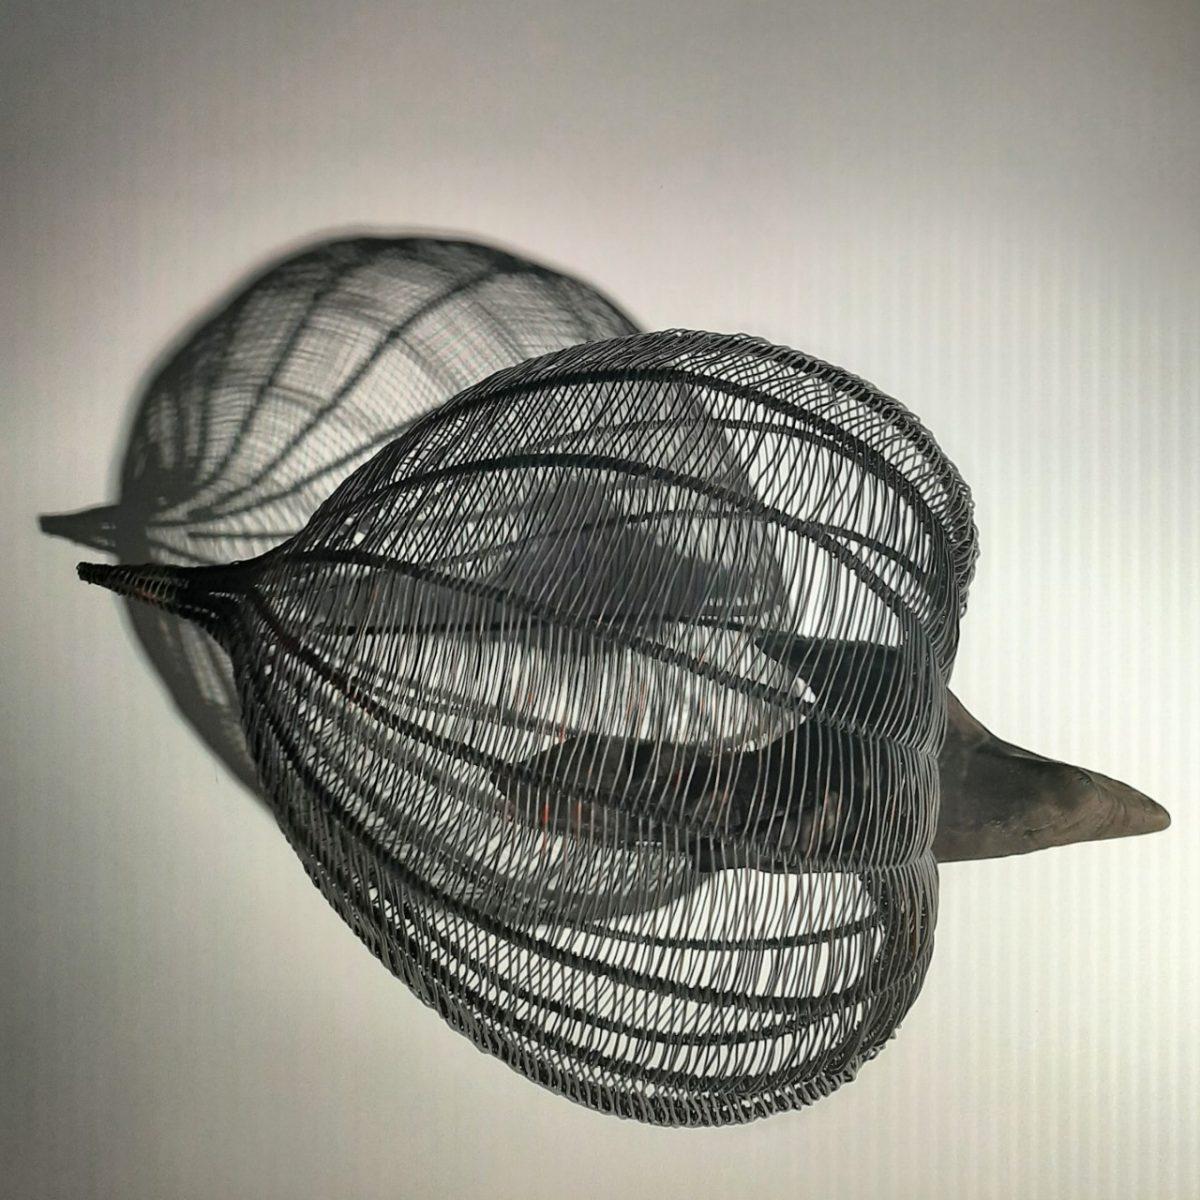 Sculpture by Jasmine Clark